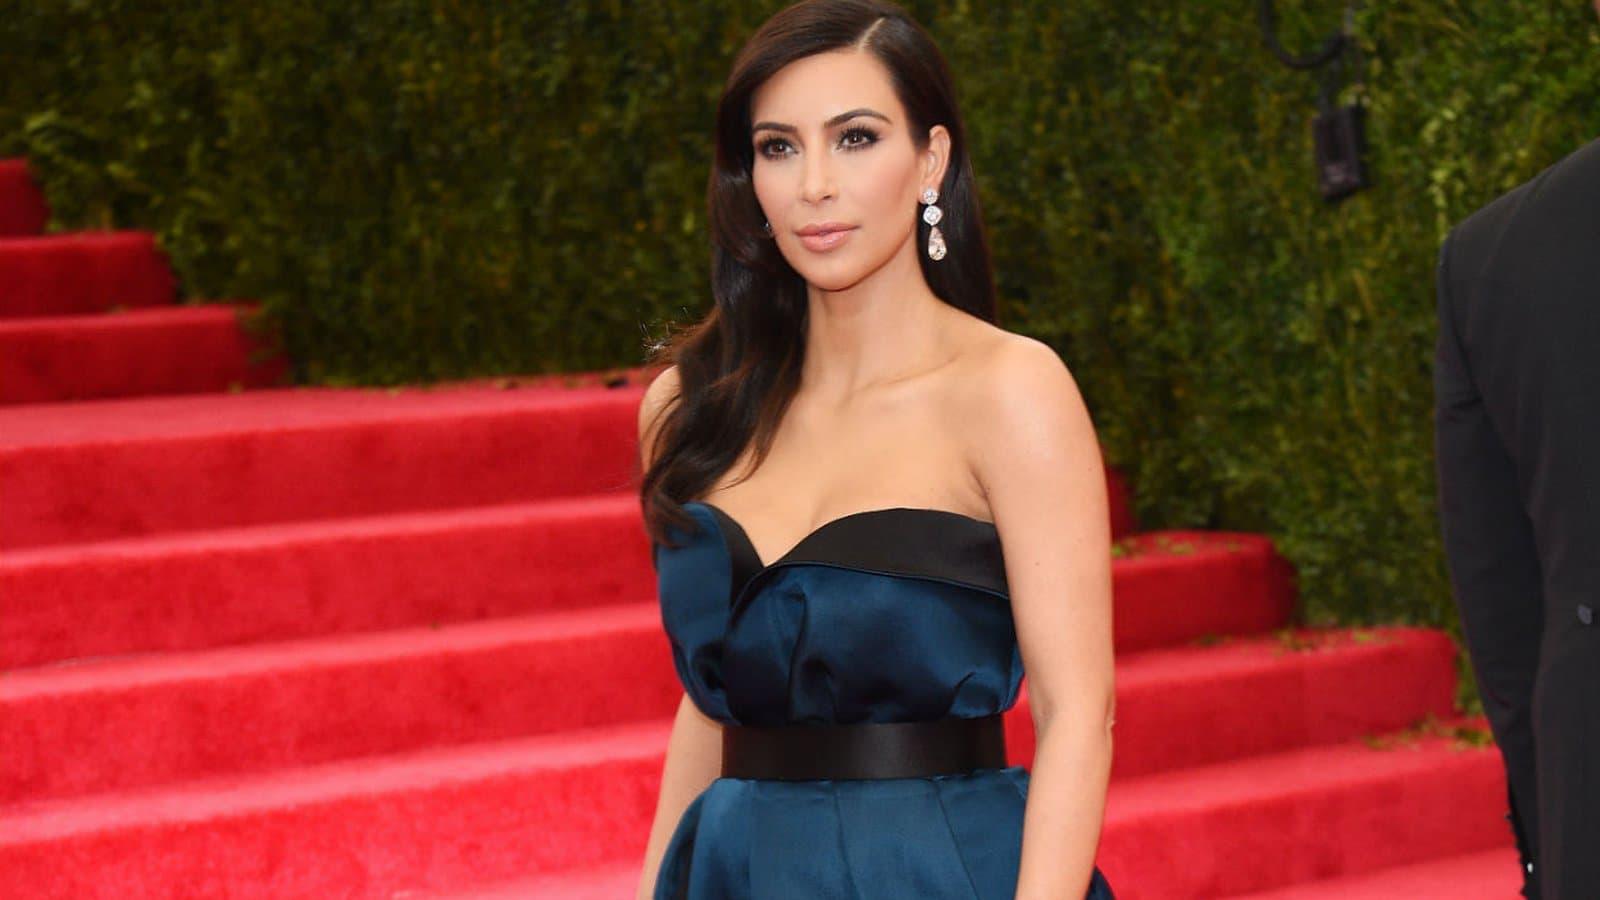 Braquage de Kim Kardashian : Yunice Abbas l'un des braqueurs menace sur le plateau l'un des chroniqueurs de TPMP